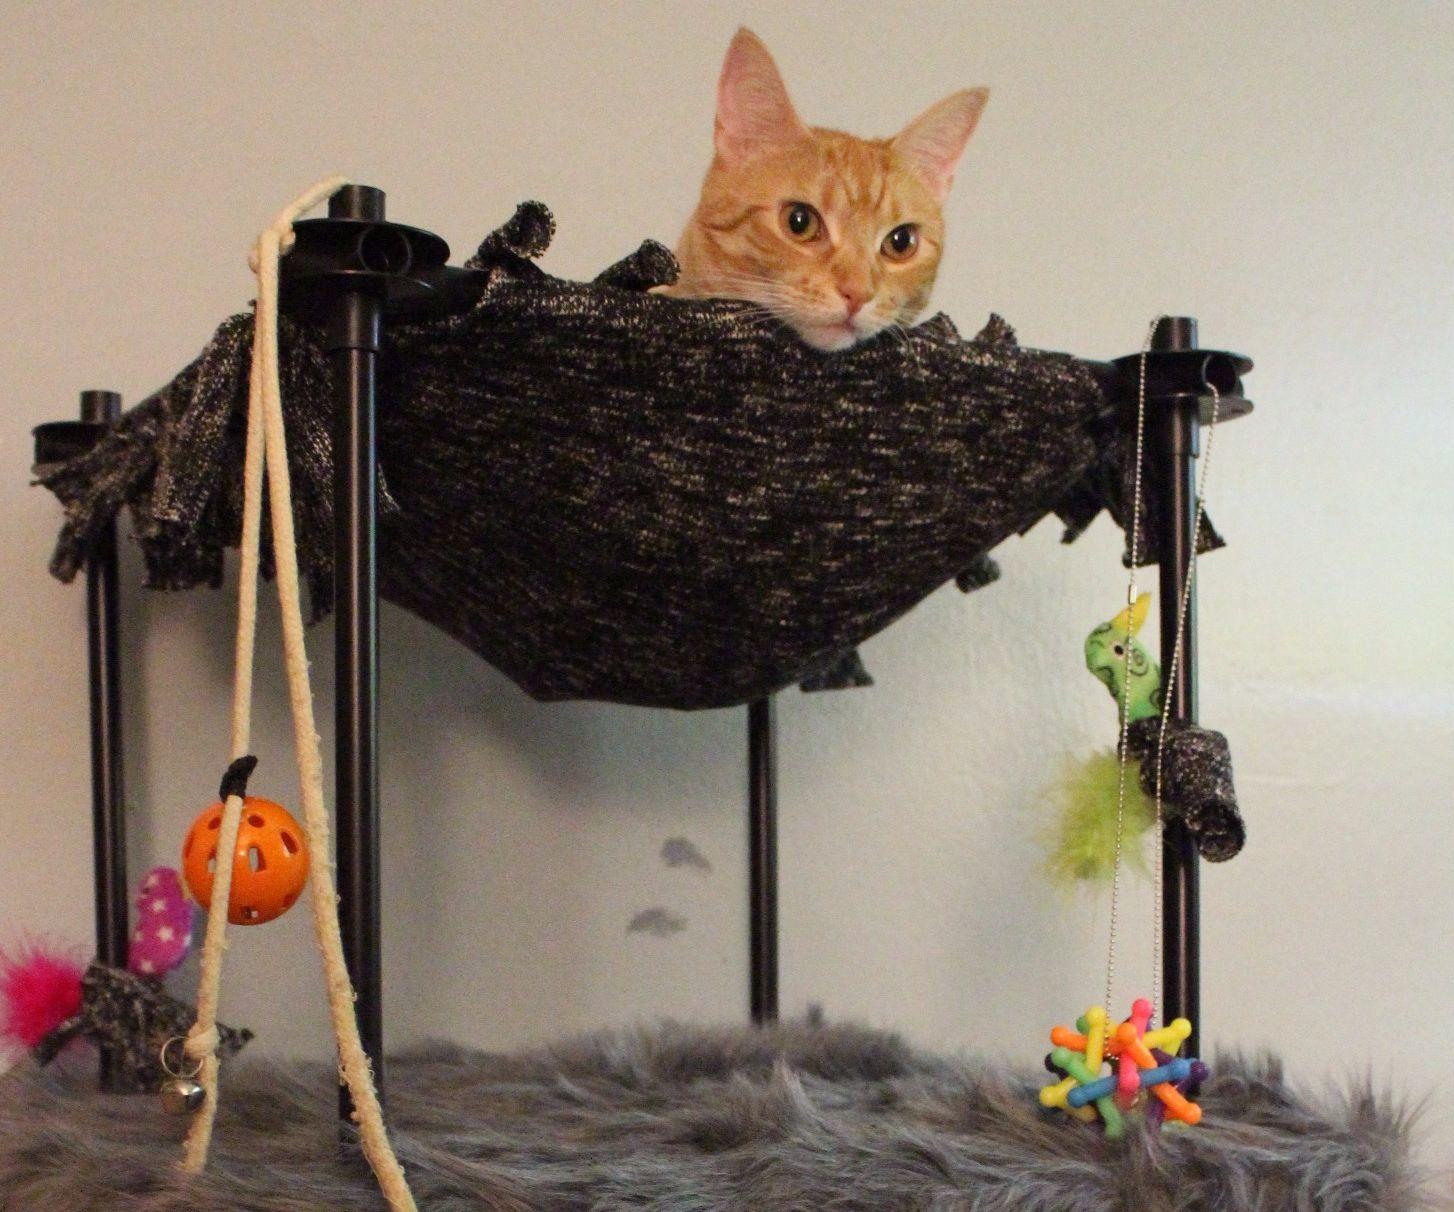 DIY Cat Tower Hack